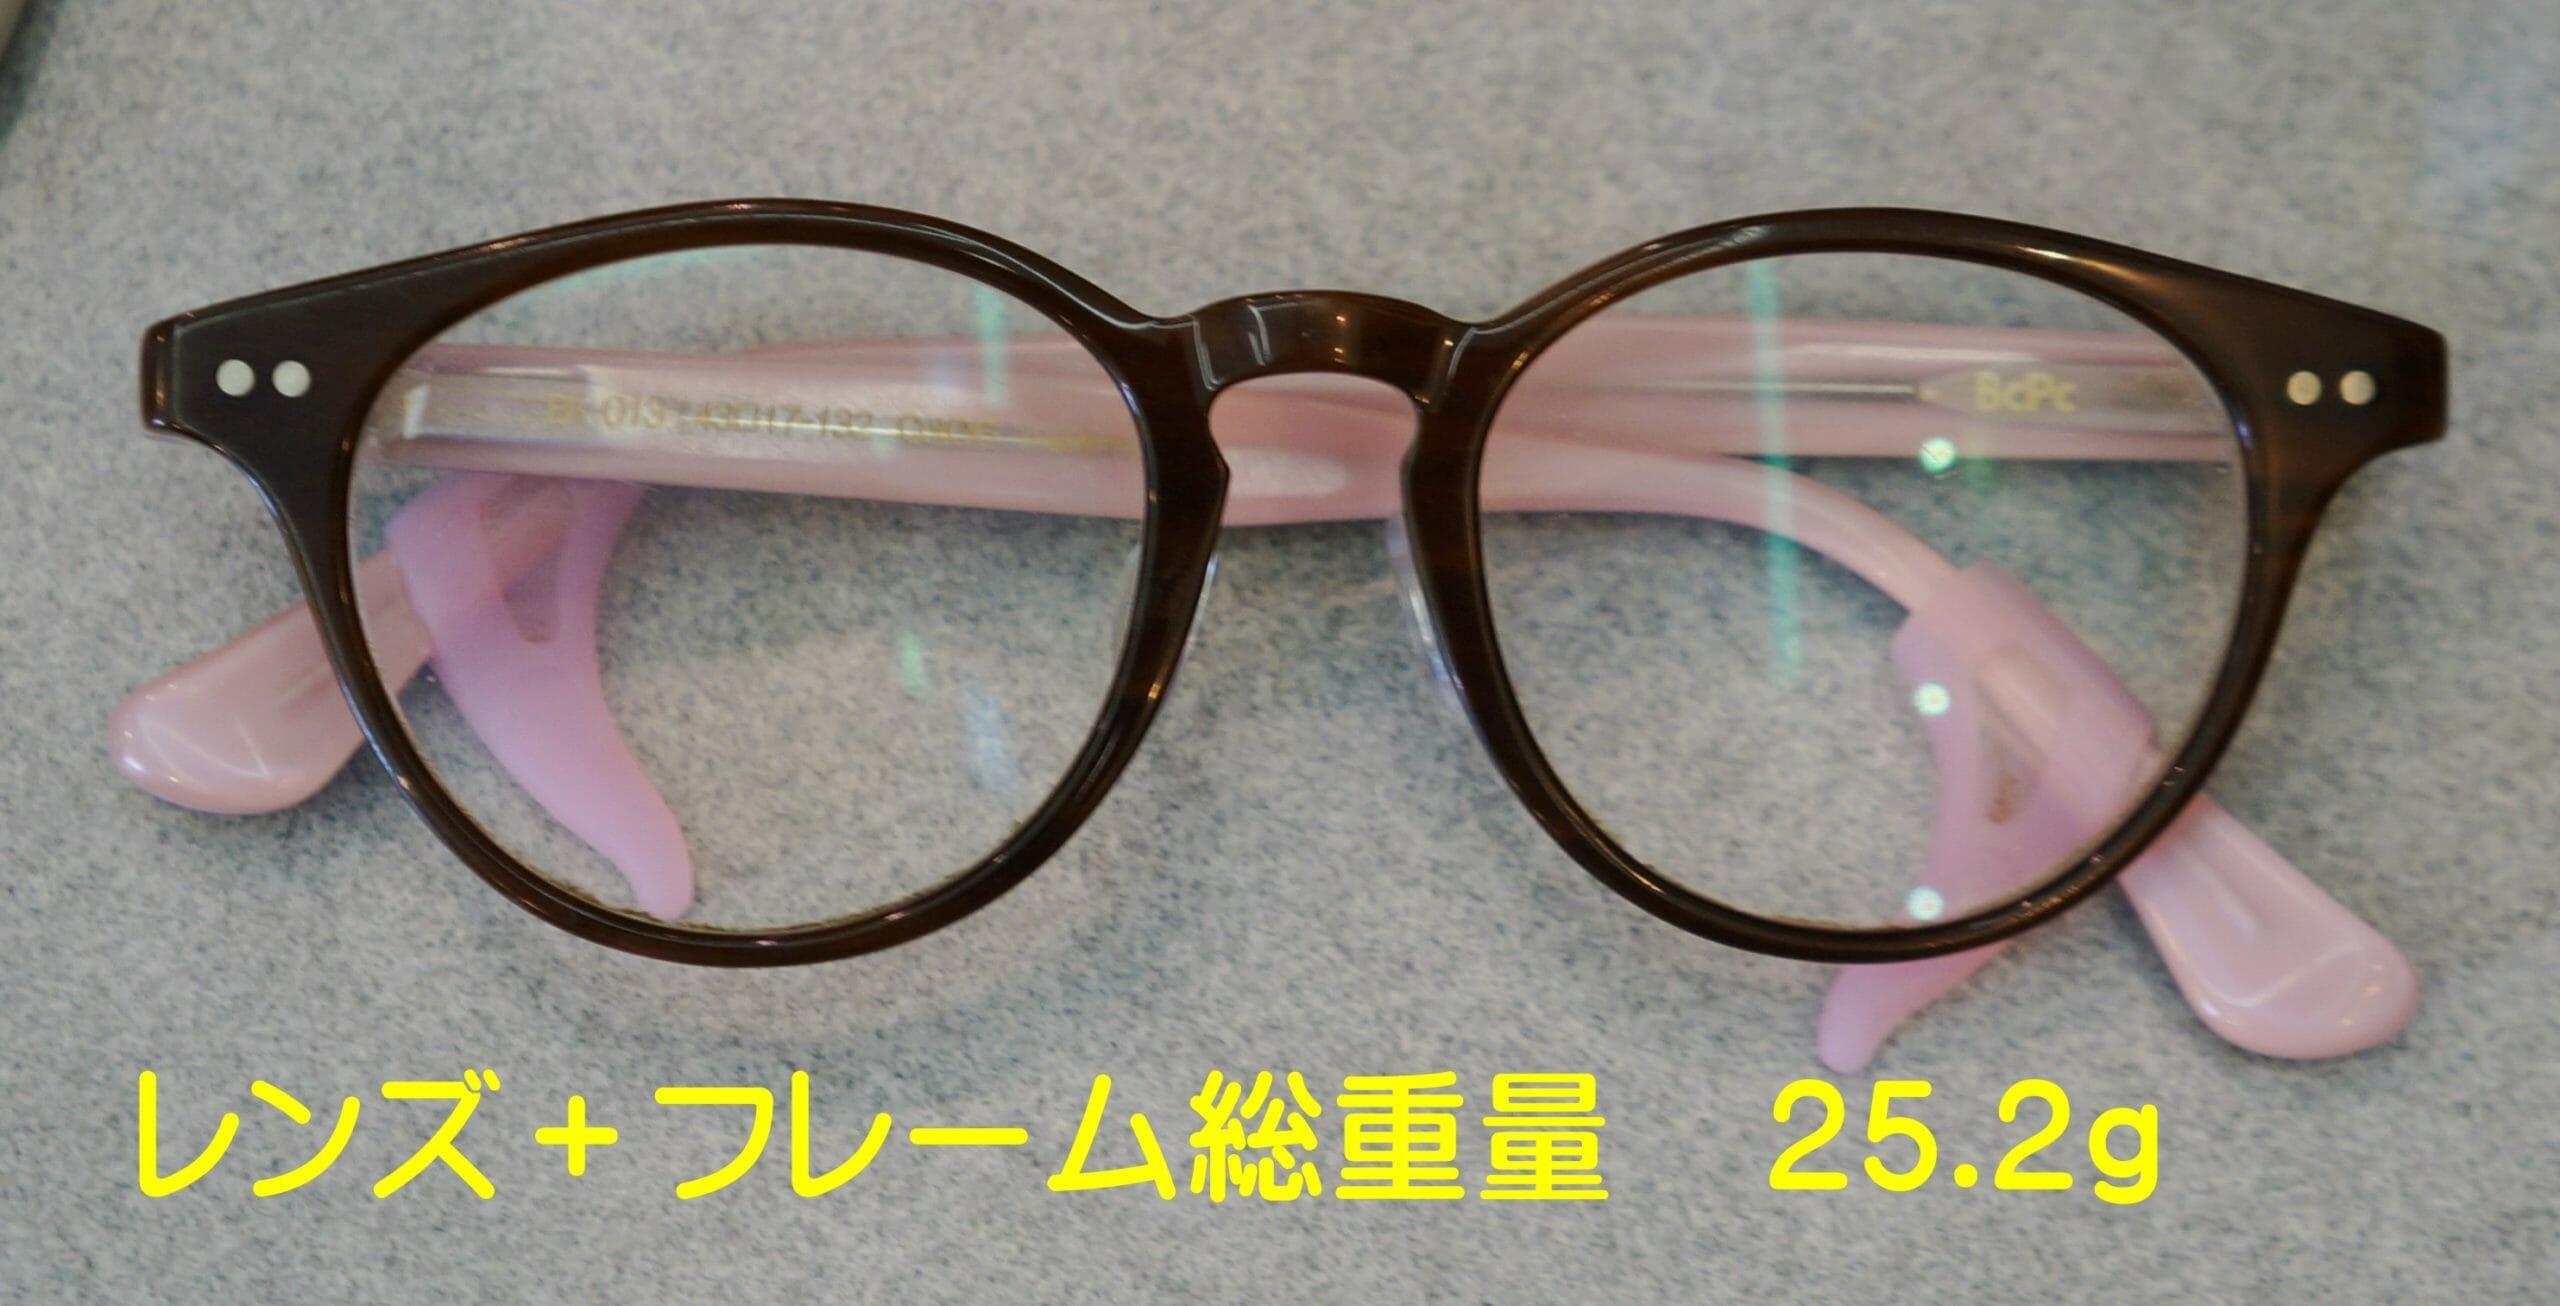 子供メガネ 重量25.2gは重い